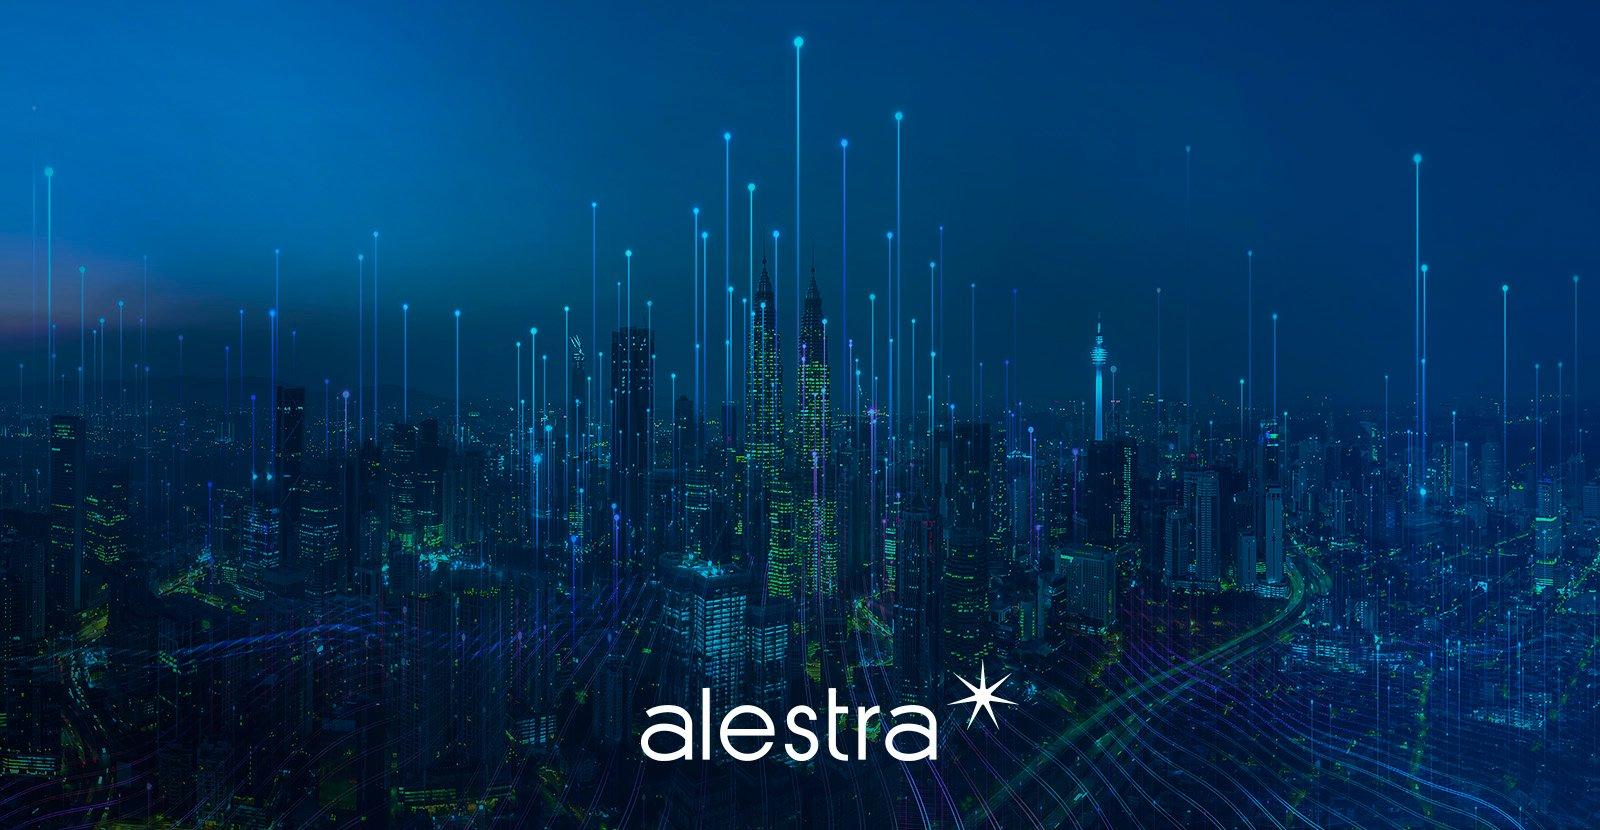 El futuro del Big Data